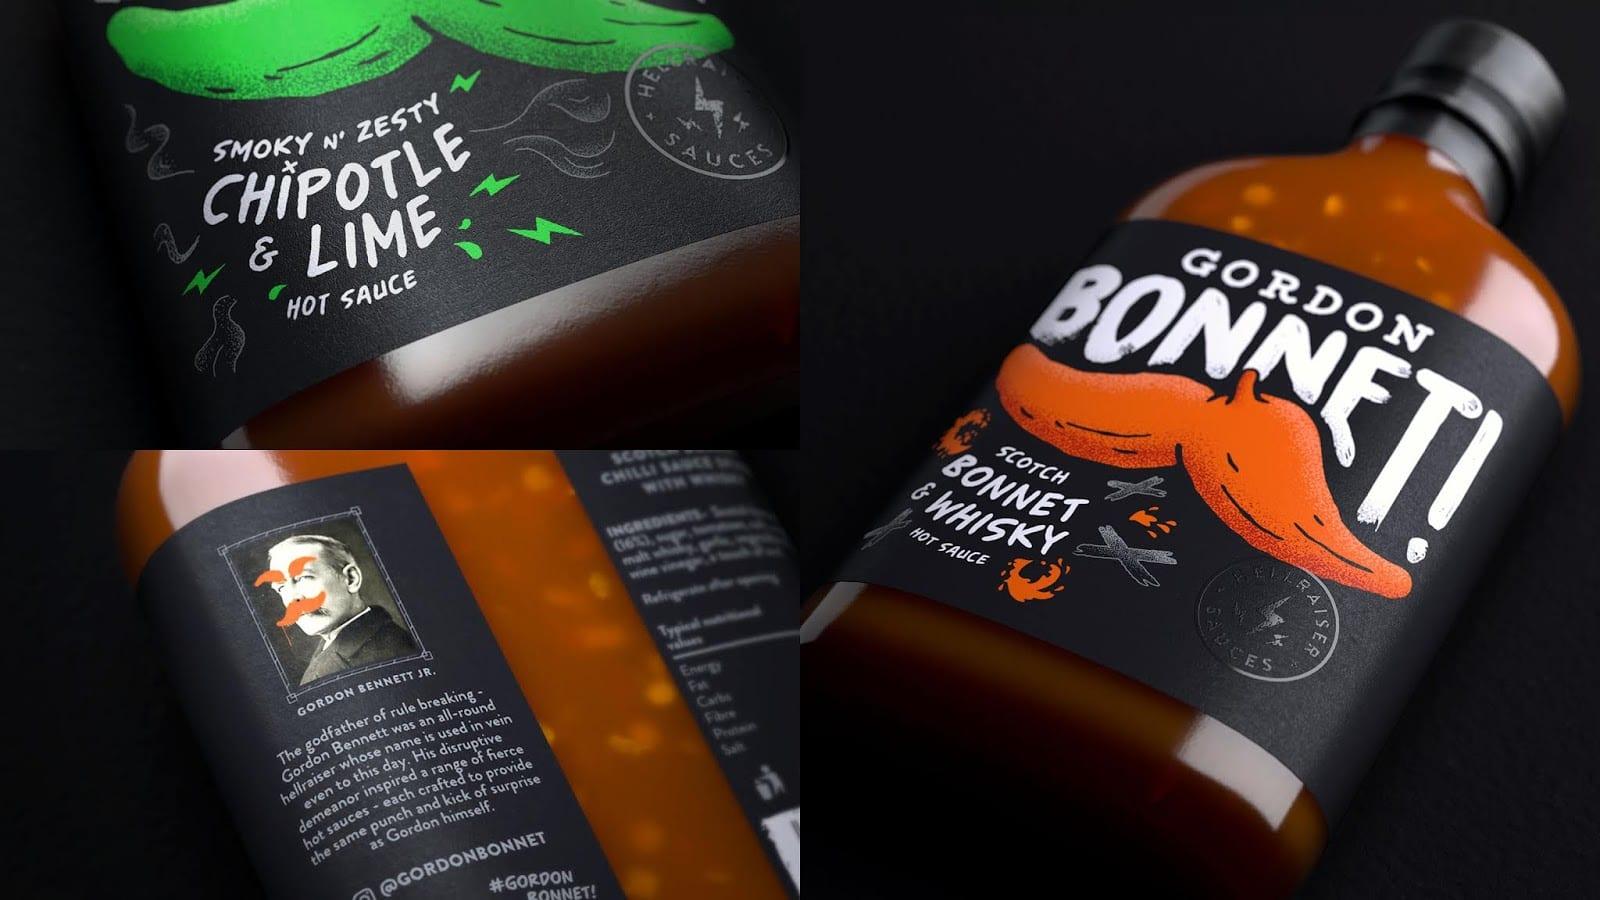 4 gordon bonnet close ups - Gordon Bonnet! – Originální omáčkový ďábel